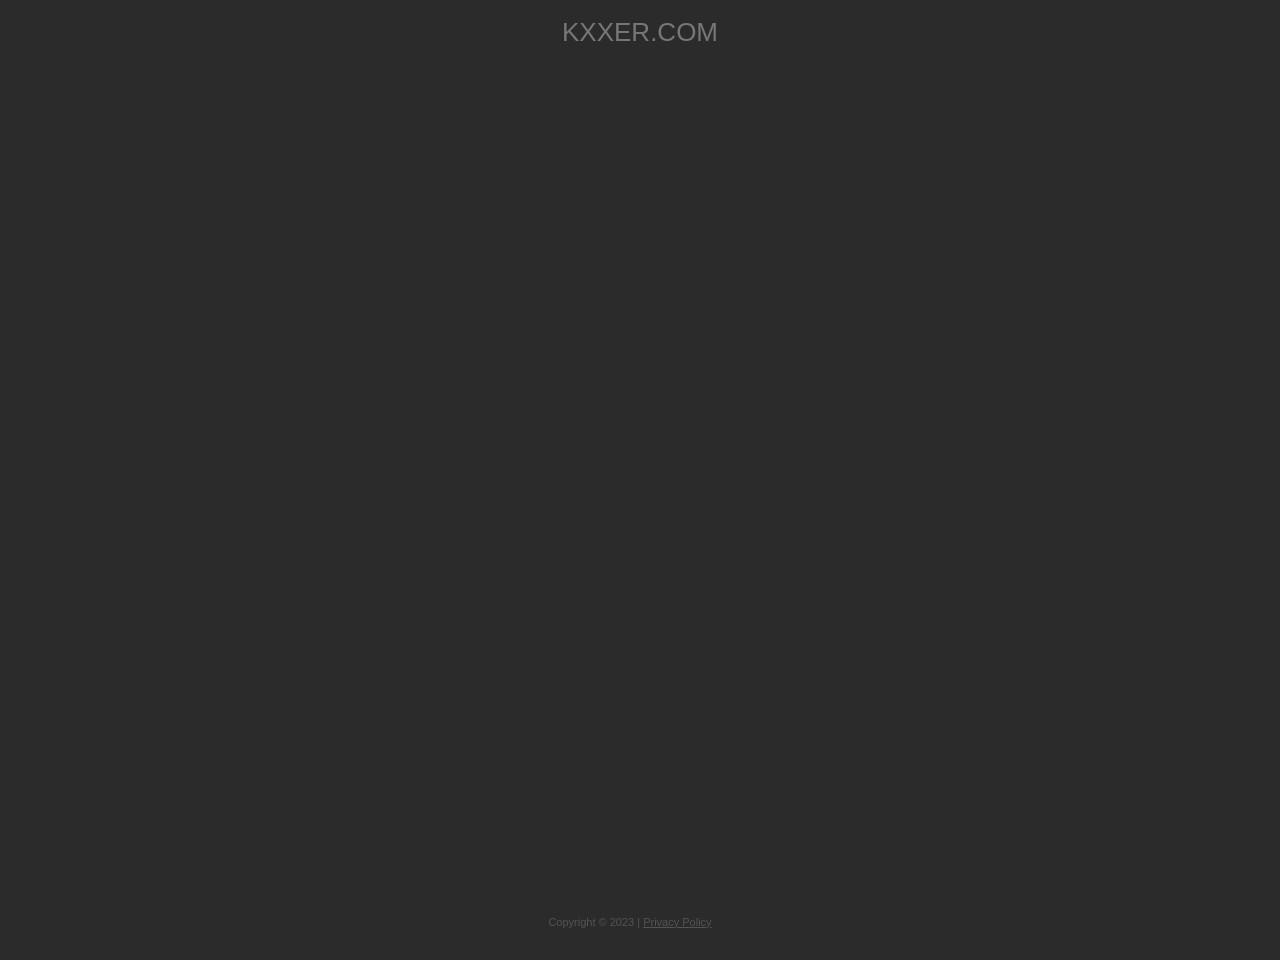 酷小熊影视 - 最新电影电视剧的在线天堂 - kxxer.com